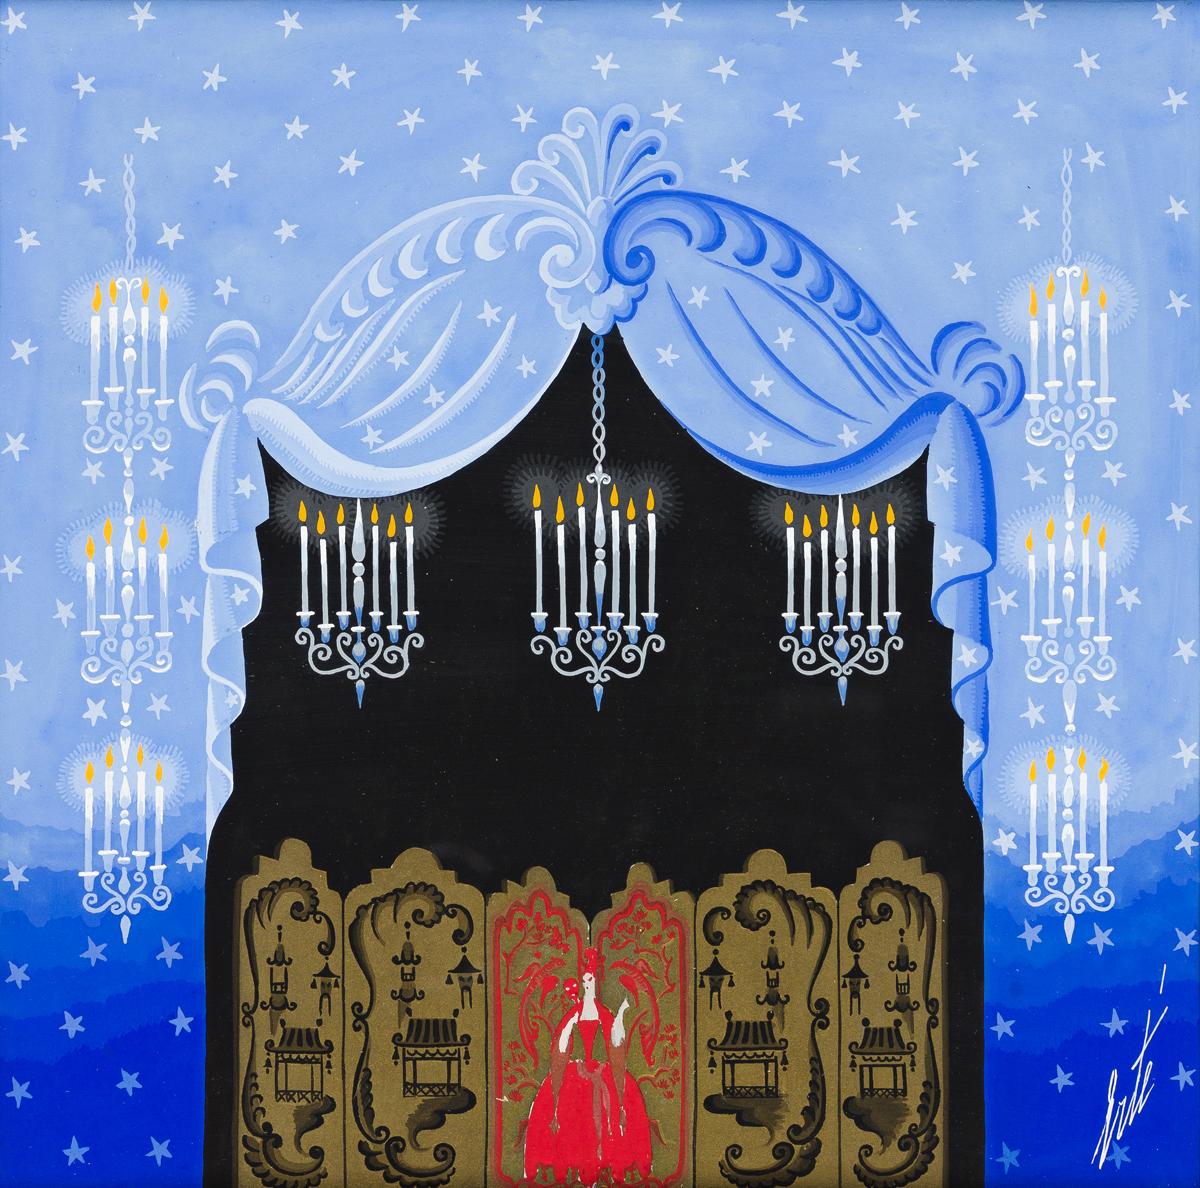 ERTÉ [ROMAIN DE TIRTOFF] (1892-1990) Décor de Laideronnette. [THEATER / CHINESE / BALLET / SET DESIGN / MOTHER GOOSE]